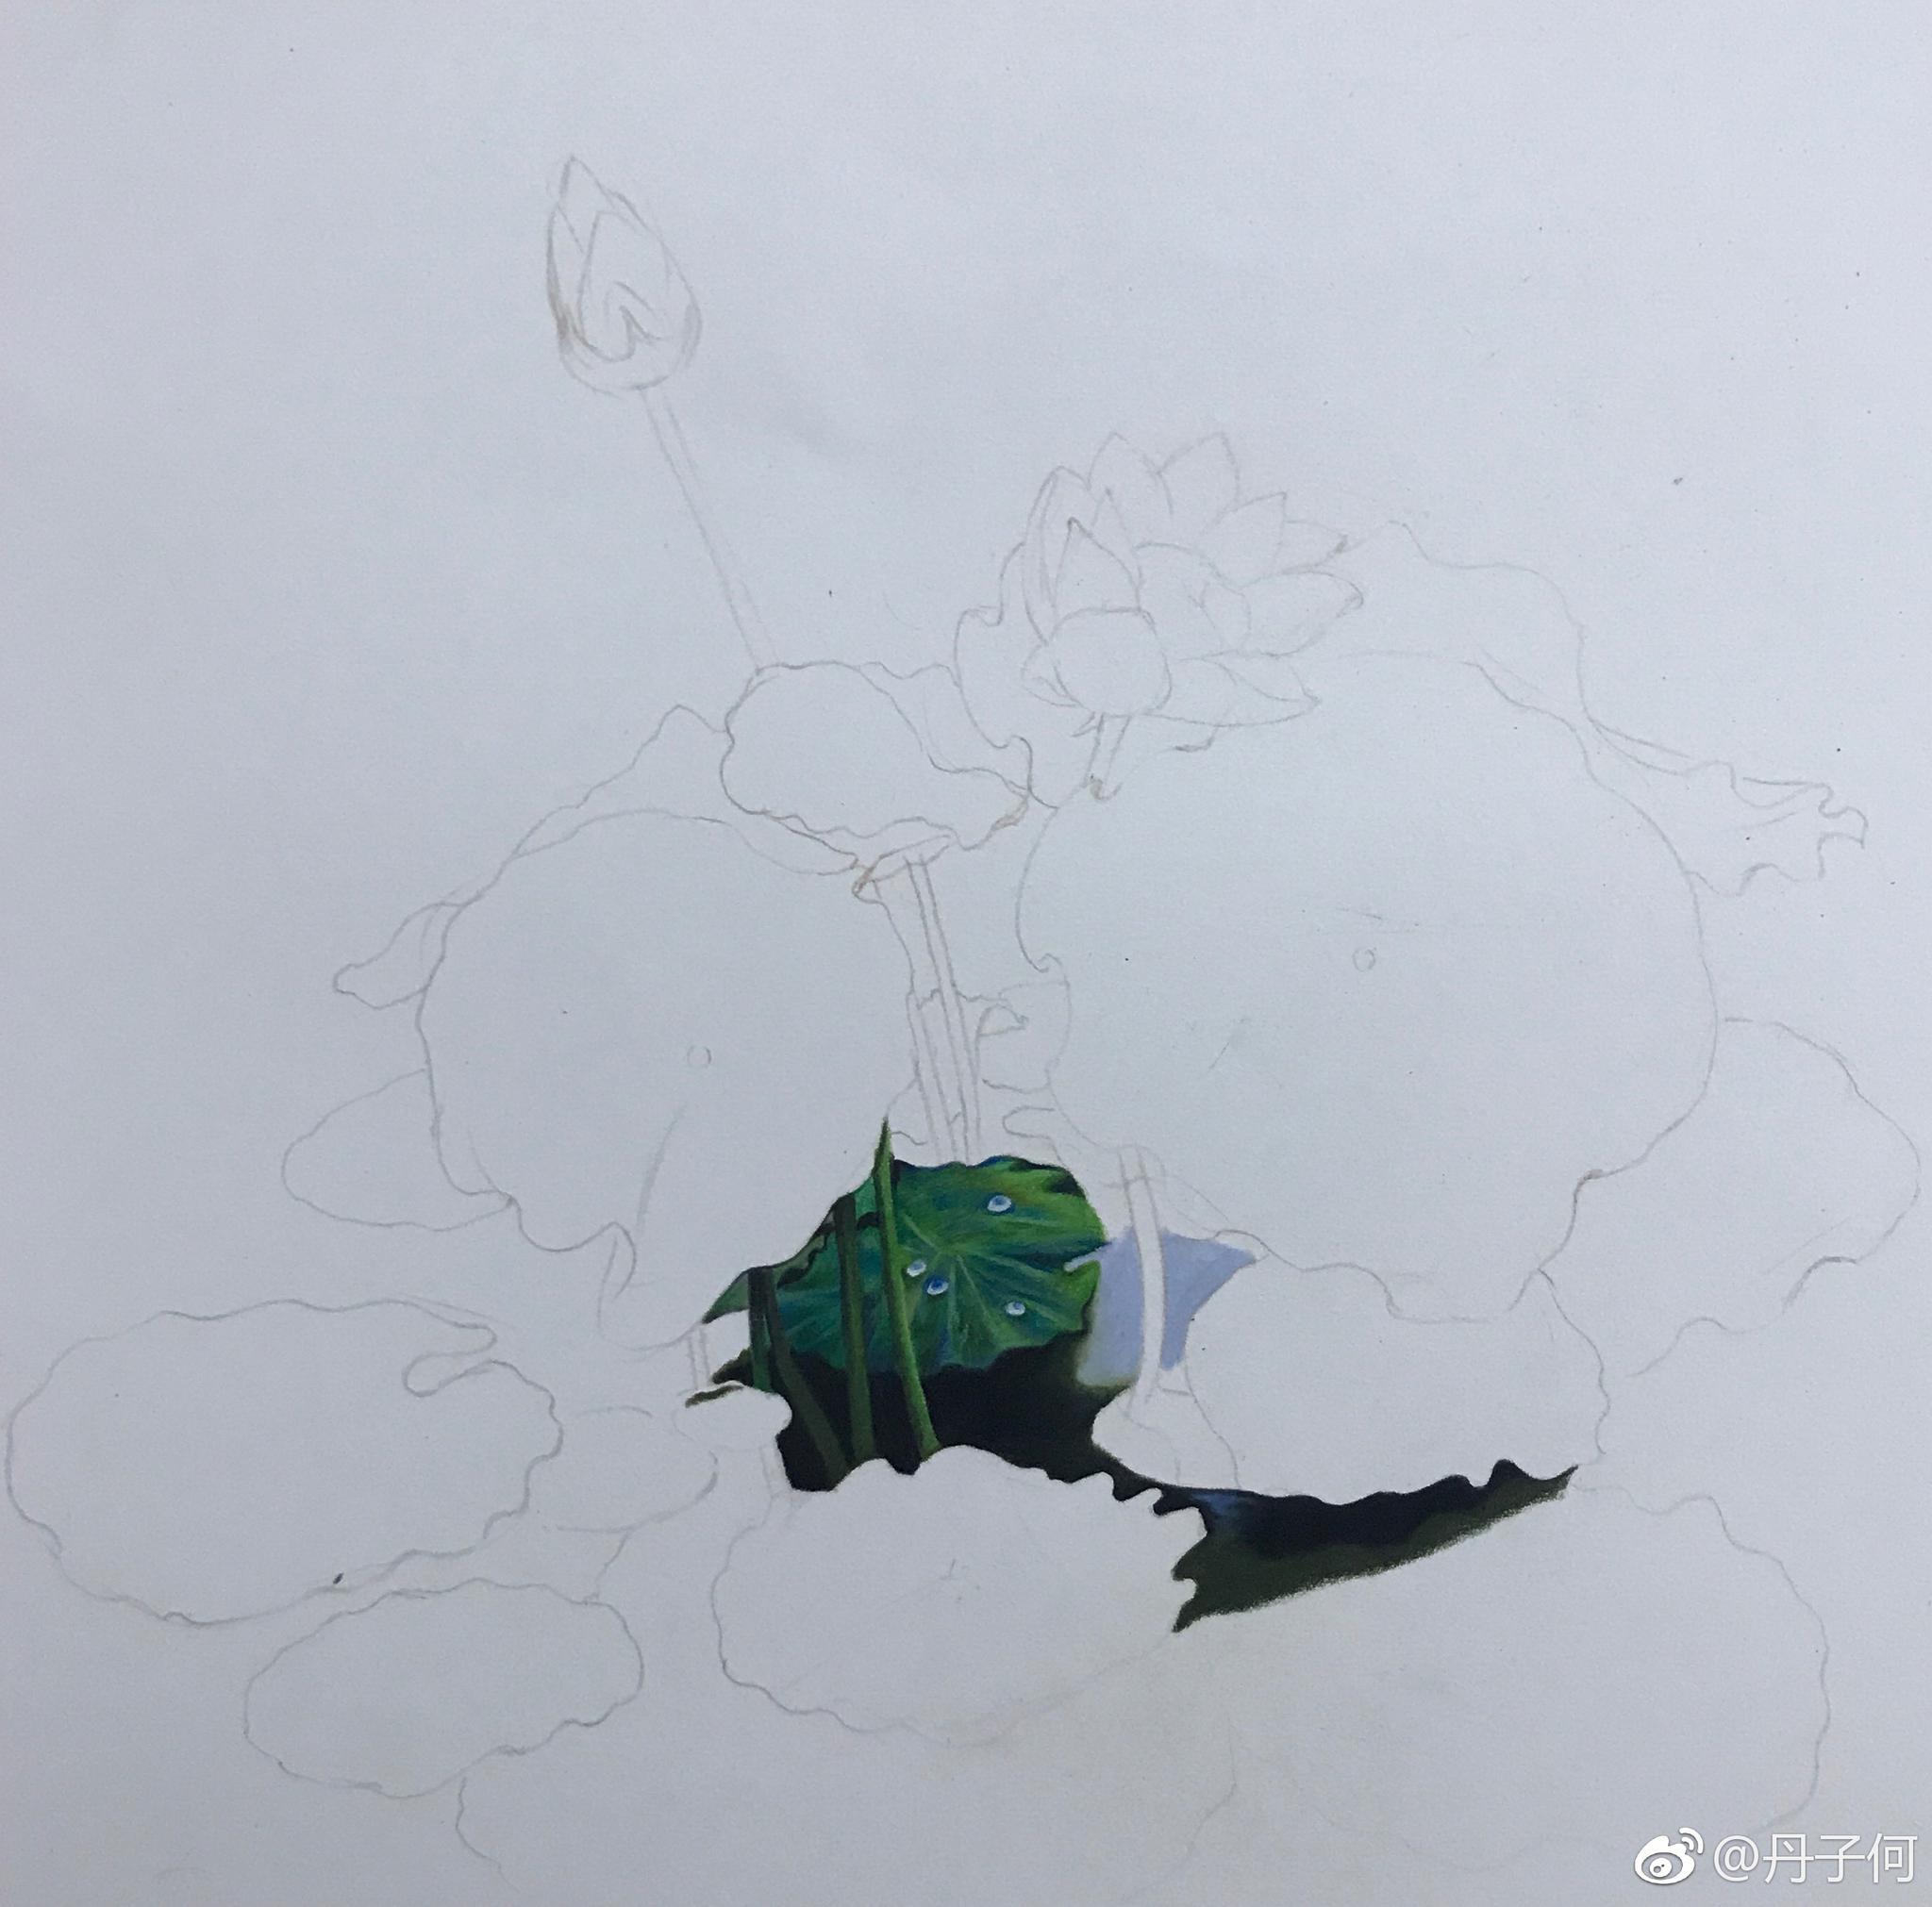 荷塘一角 霹雳马彩铅手绘投稿(_新浪看点